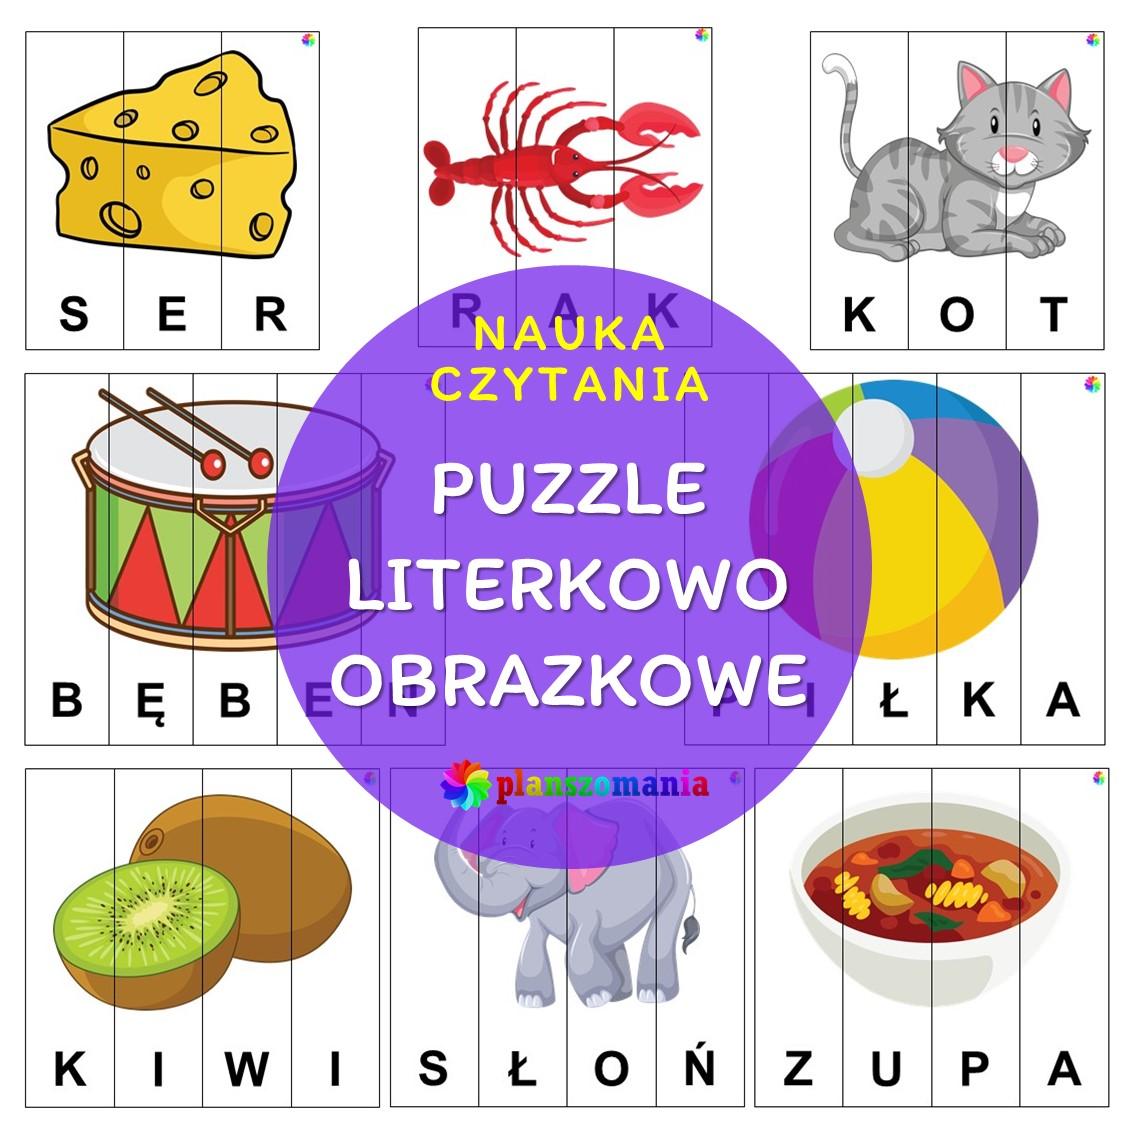 puzzle literkowo obrazkowe do rozcięcia przedszkole szkoła podstawowa edukacja wczesnoszkolna do pobrania pdf za darmo